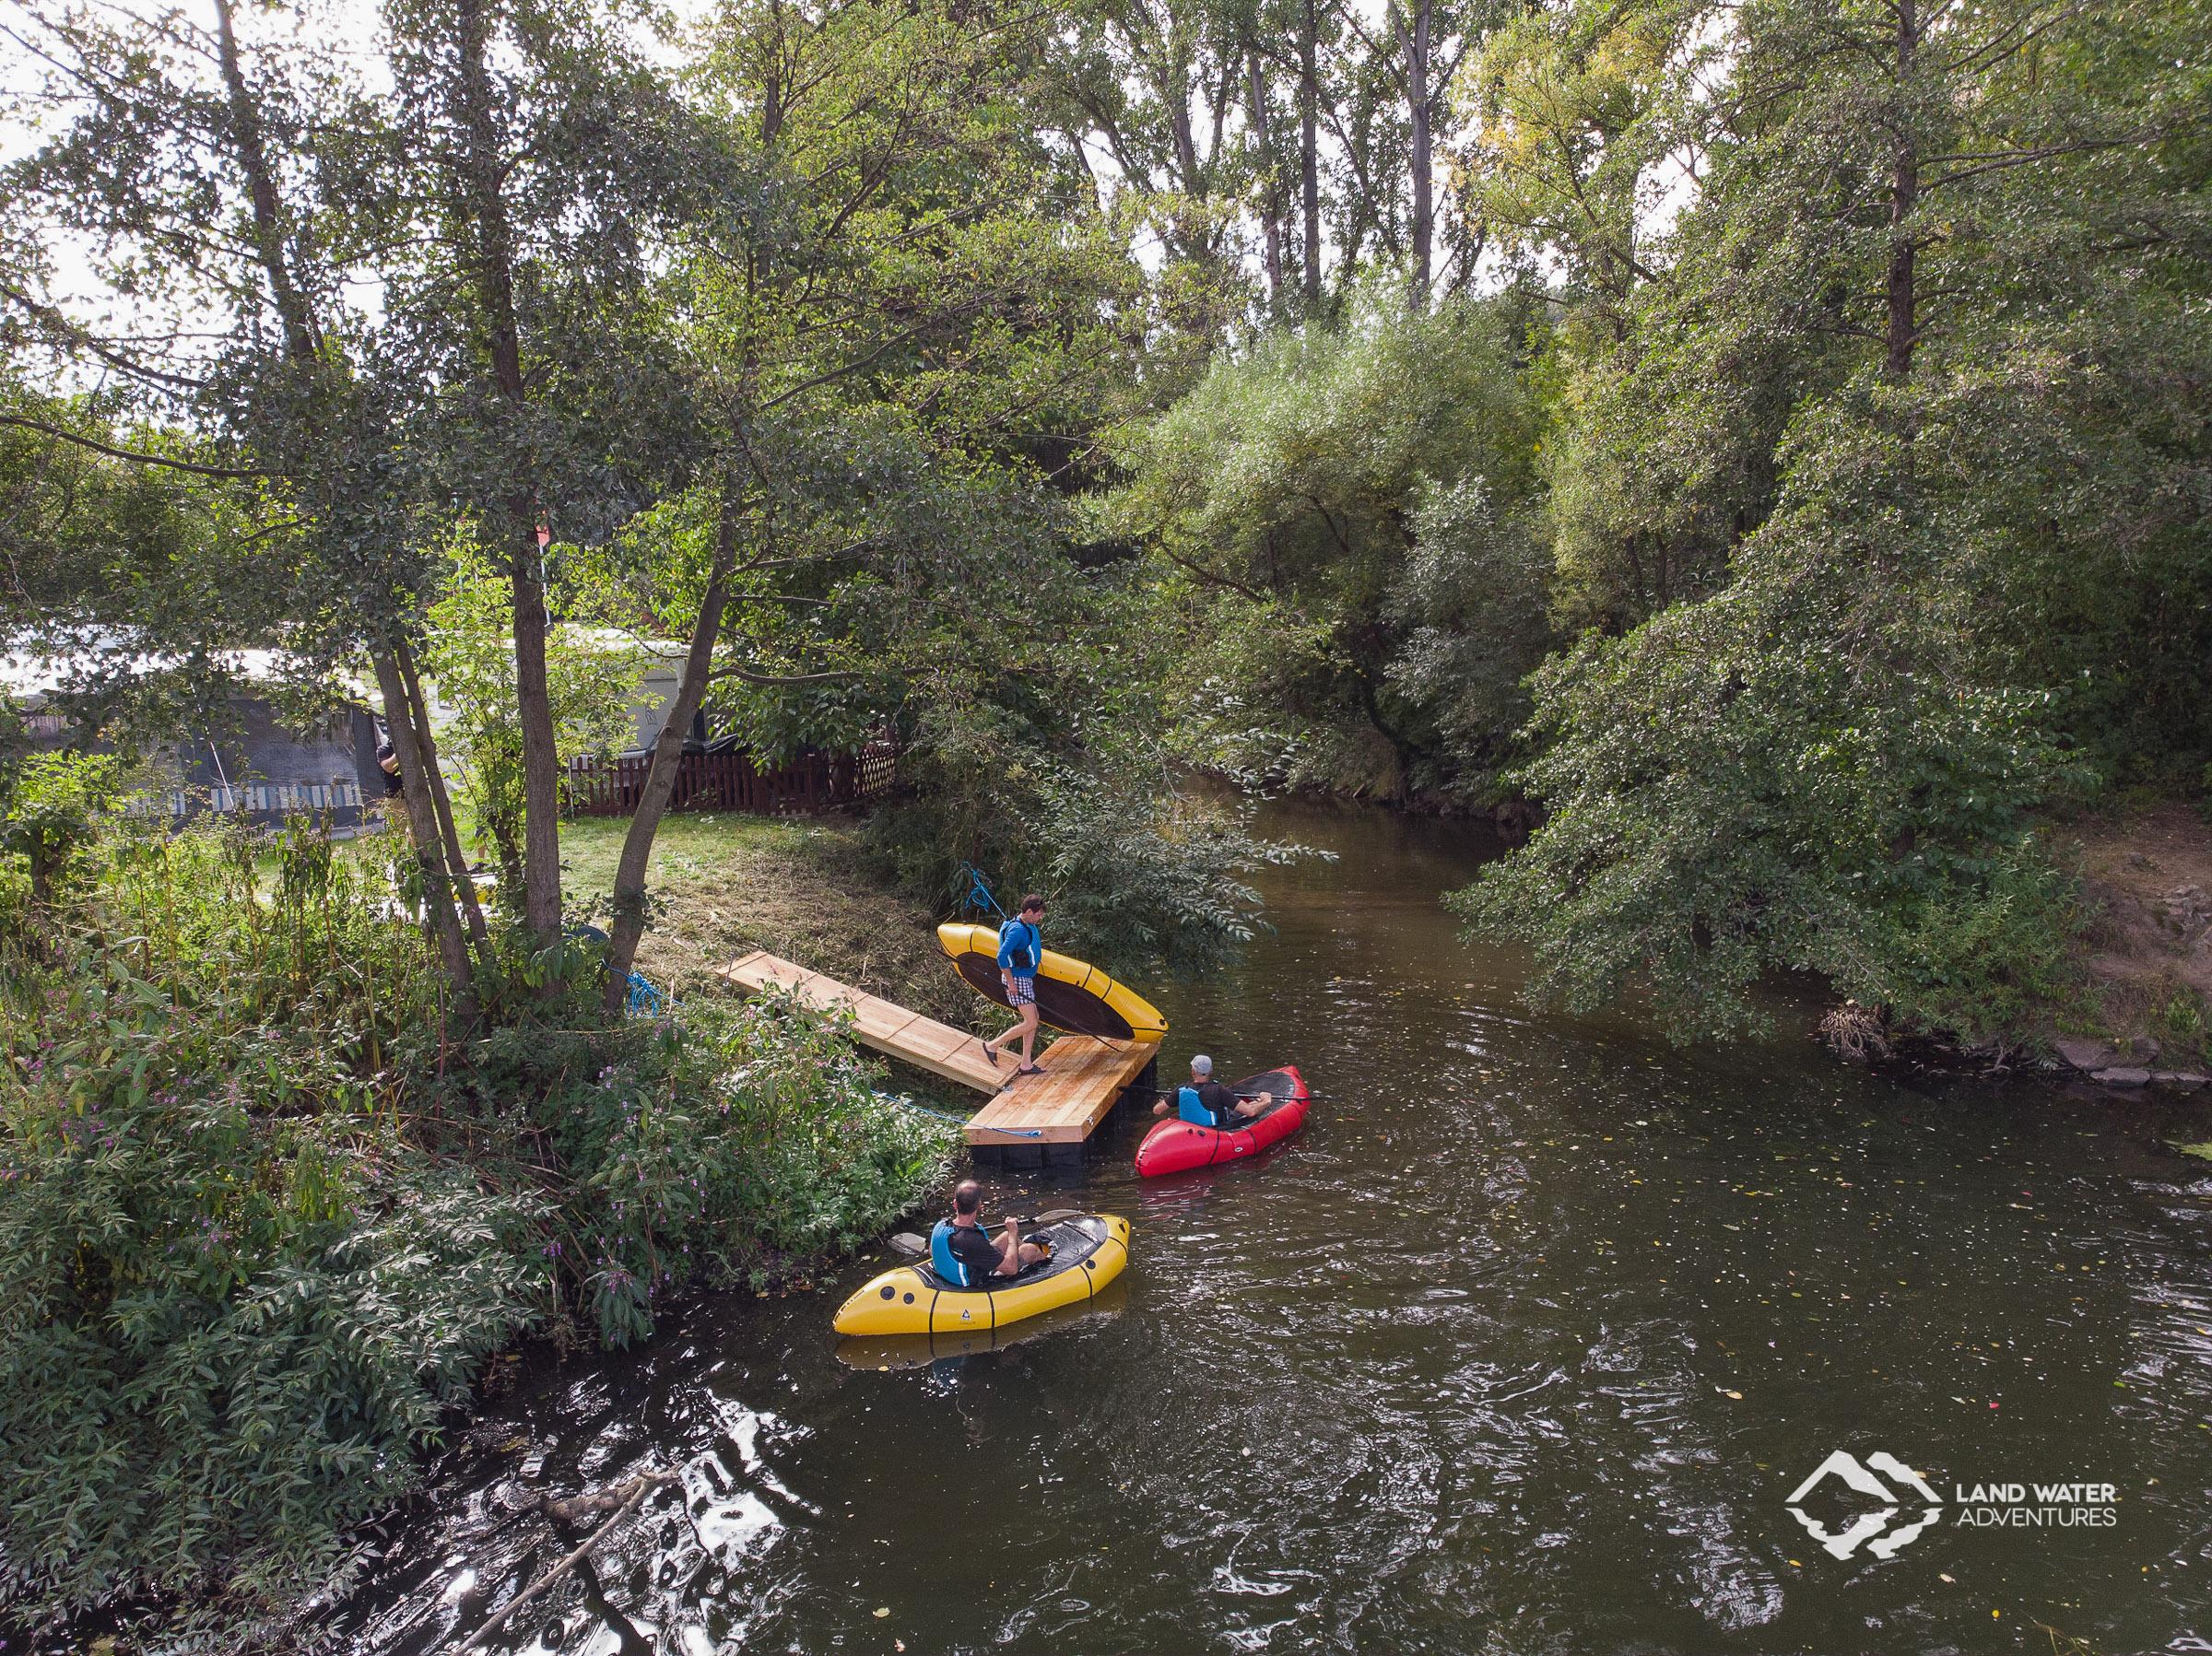 Steg am Campingplatz Nahe-Alsenz-Eck beim Saisonabschluss © Land Water Adventures